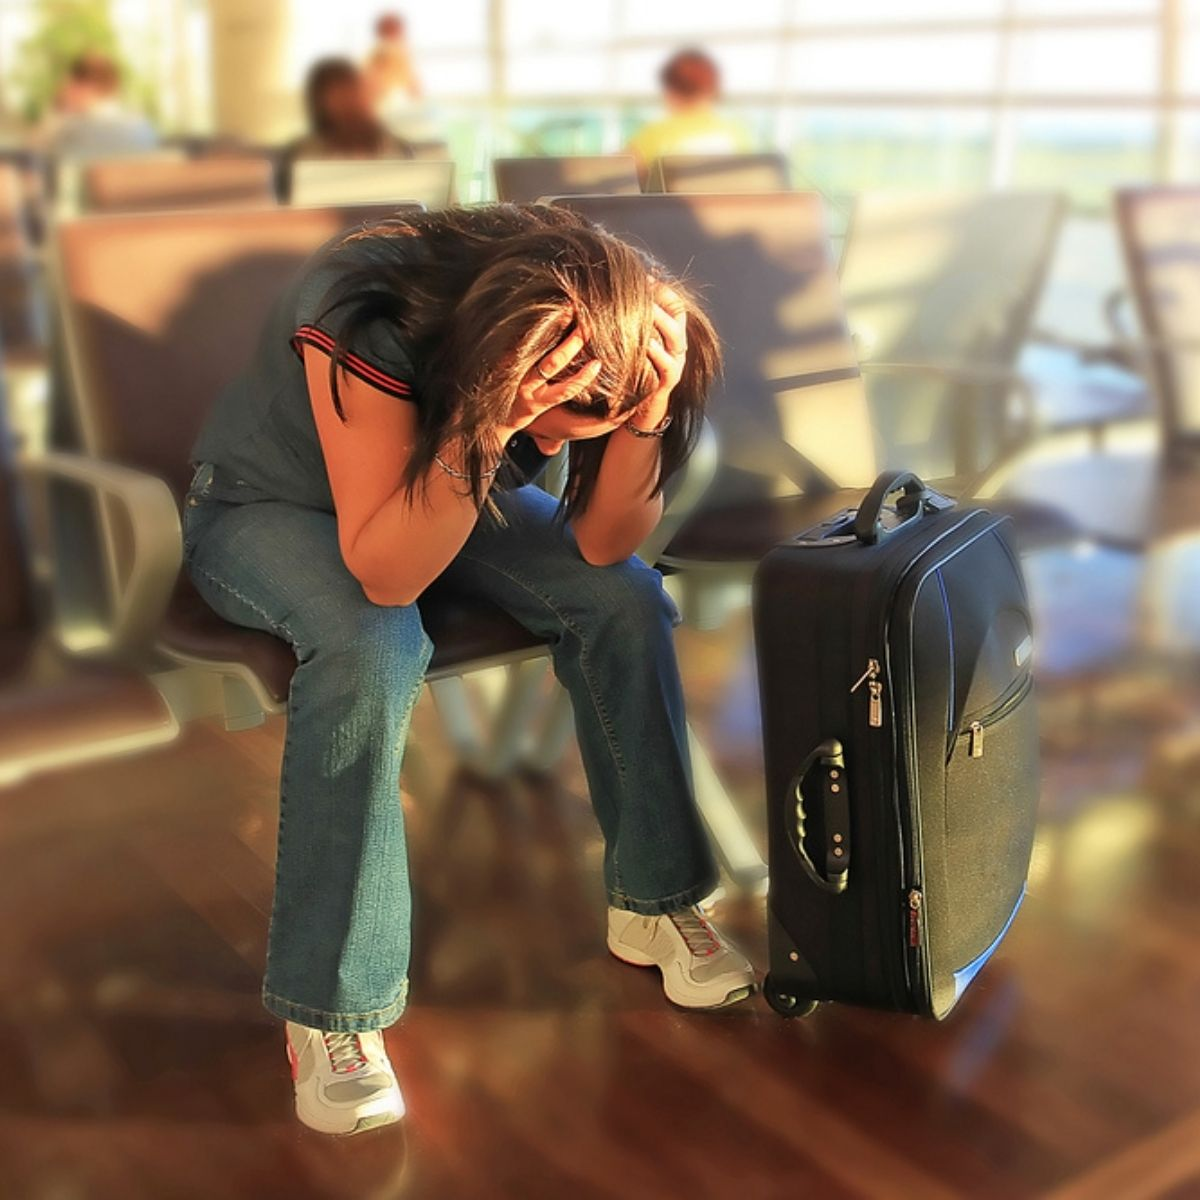 Jangan Panik, Ini 4 Solusi Terbaik Saat Ketinggalan Pesawat